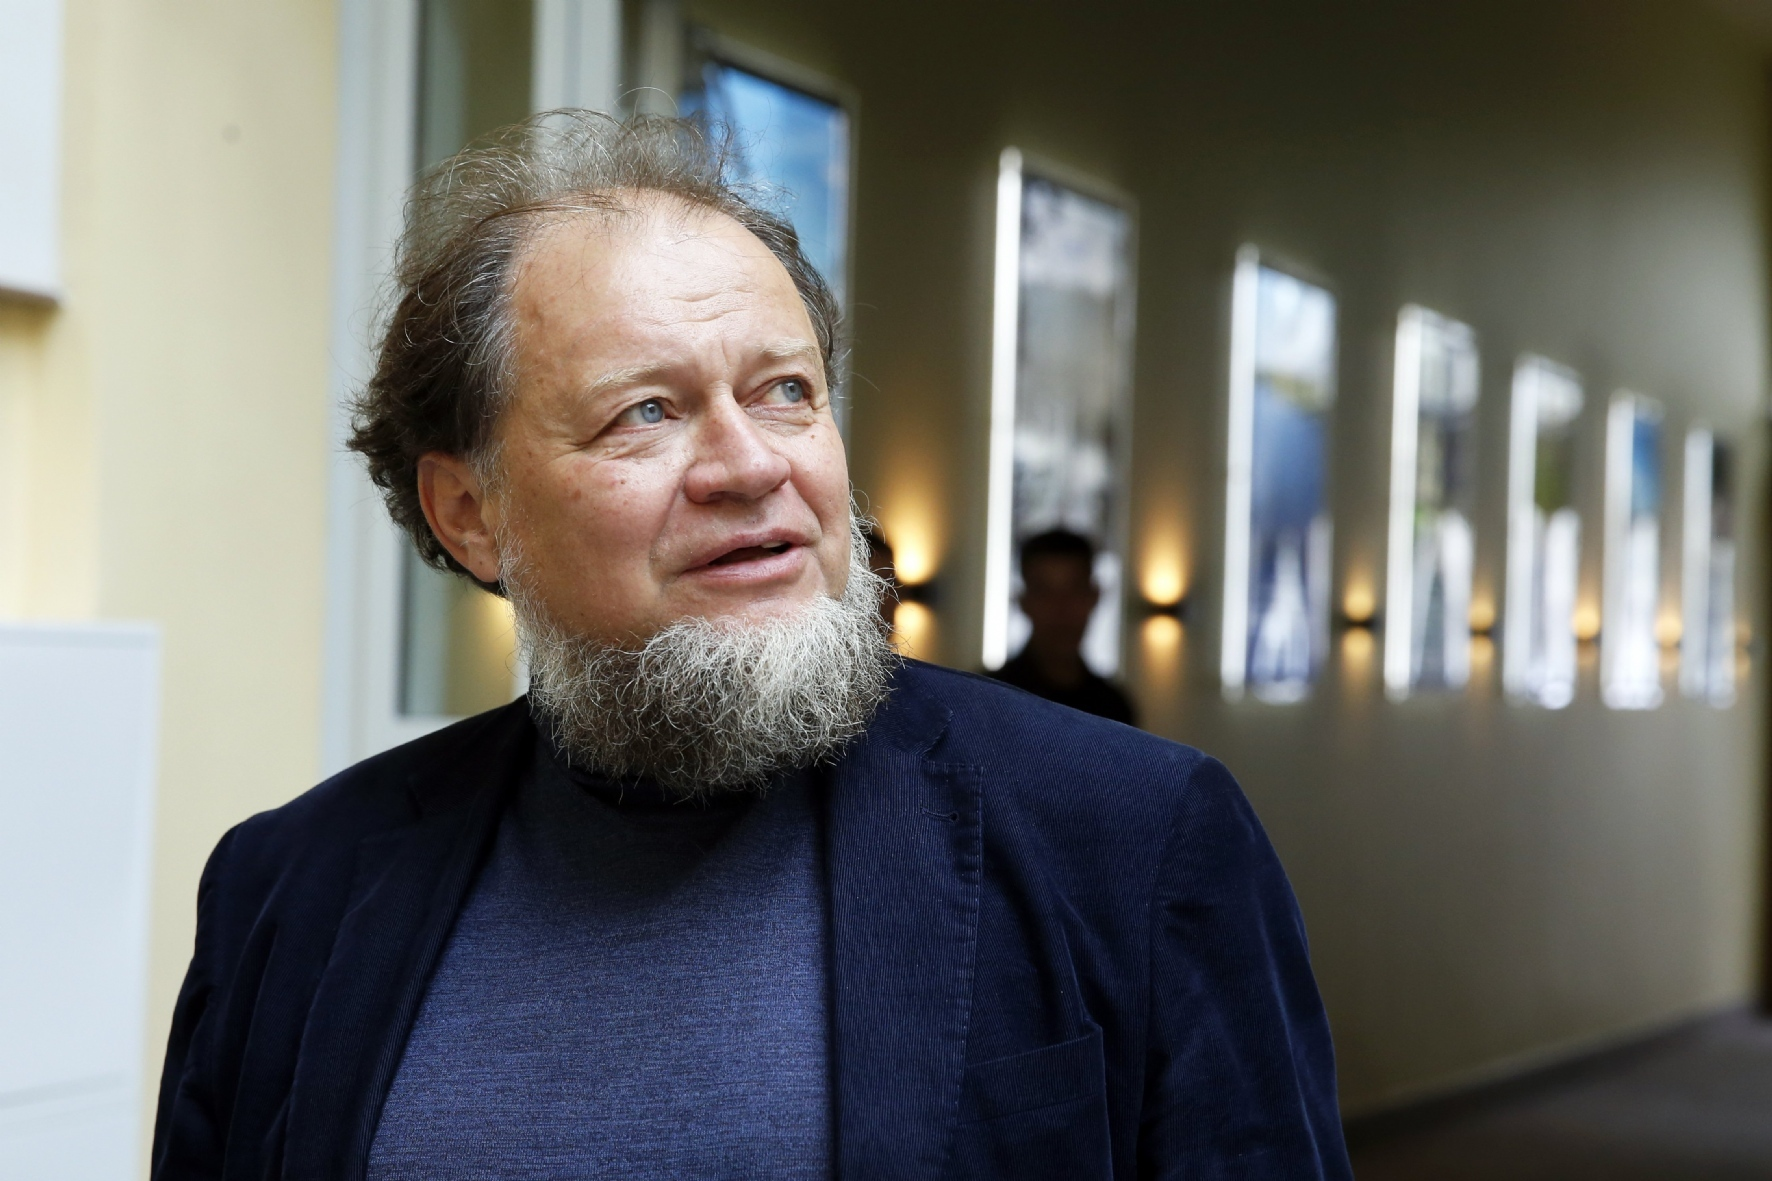 Руководитель «Архитектурной мастерской «Студия 44», член Российской академии архитектуры и строительных наук Никита Явейн